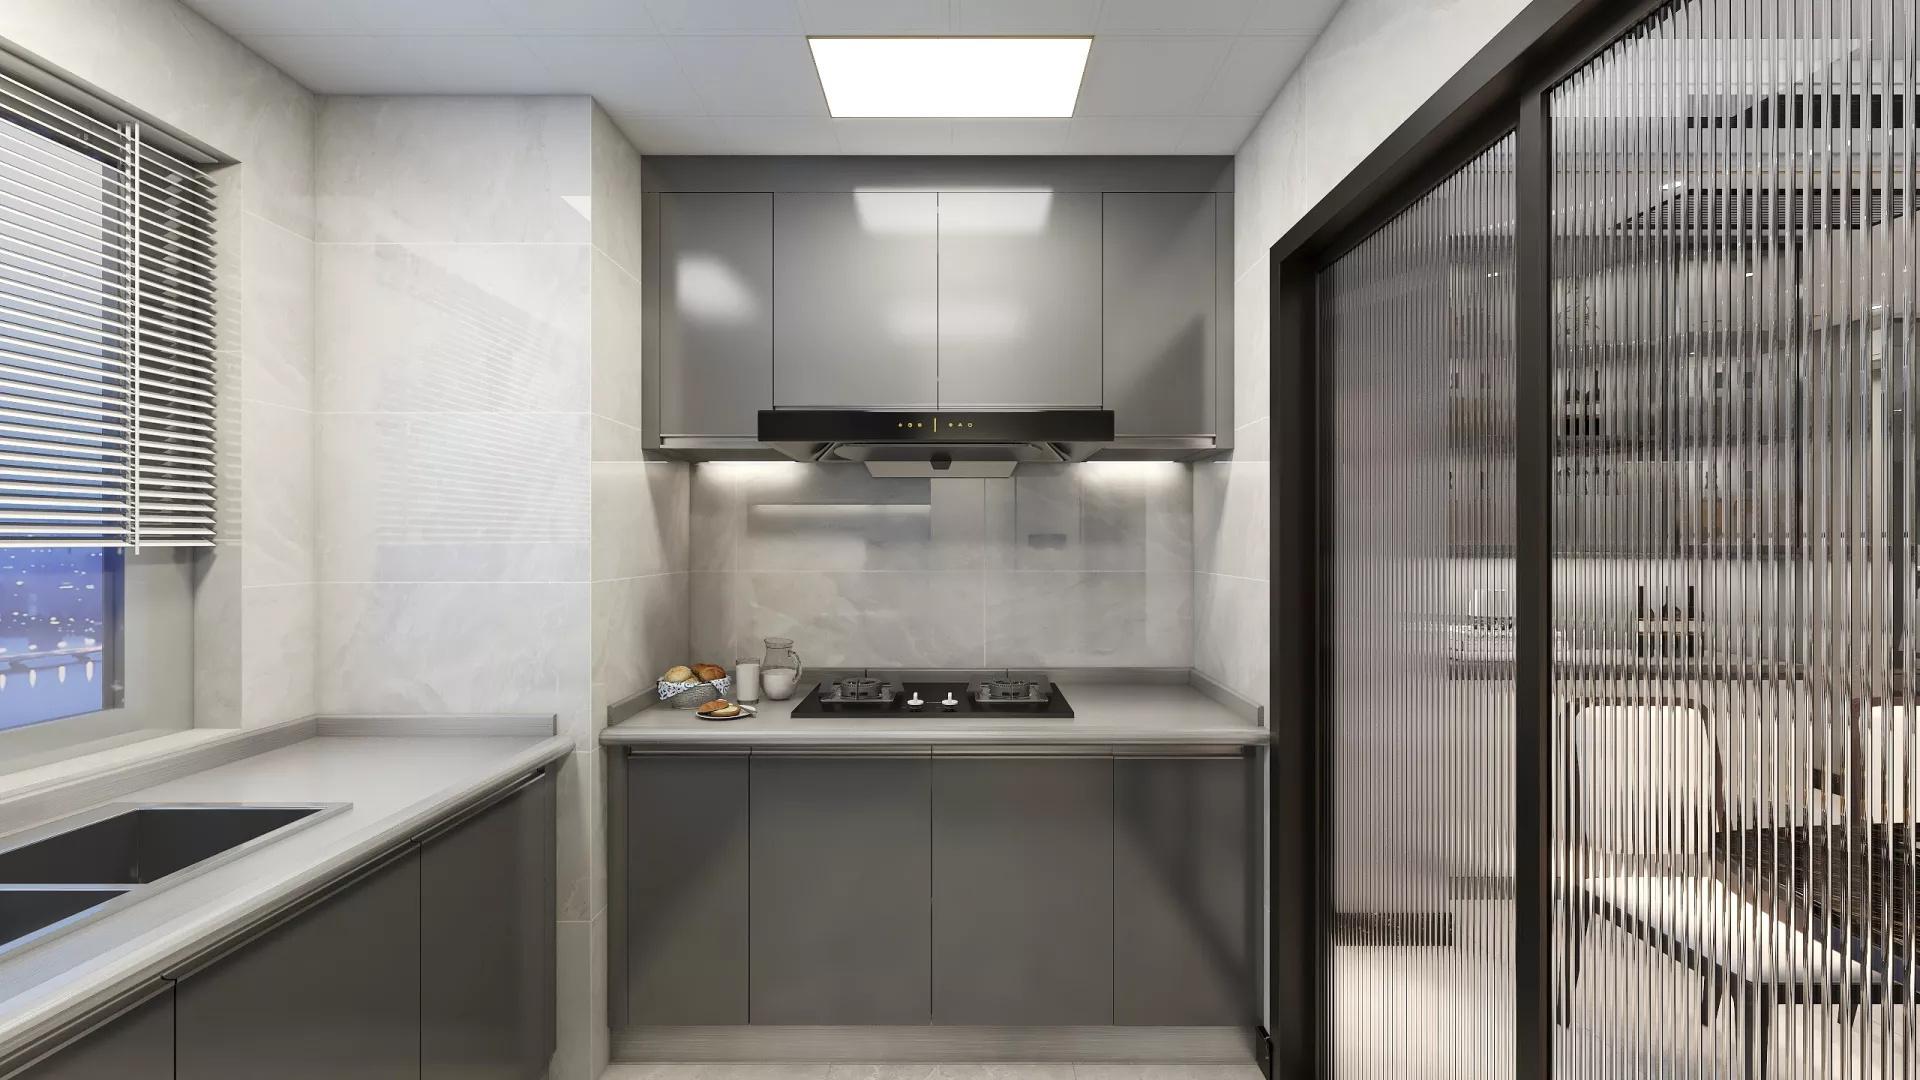 小户型厨房要如何设计 小厨房有哪些布局方式